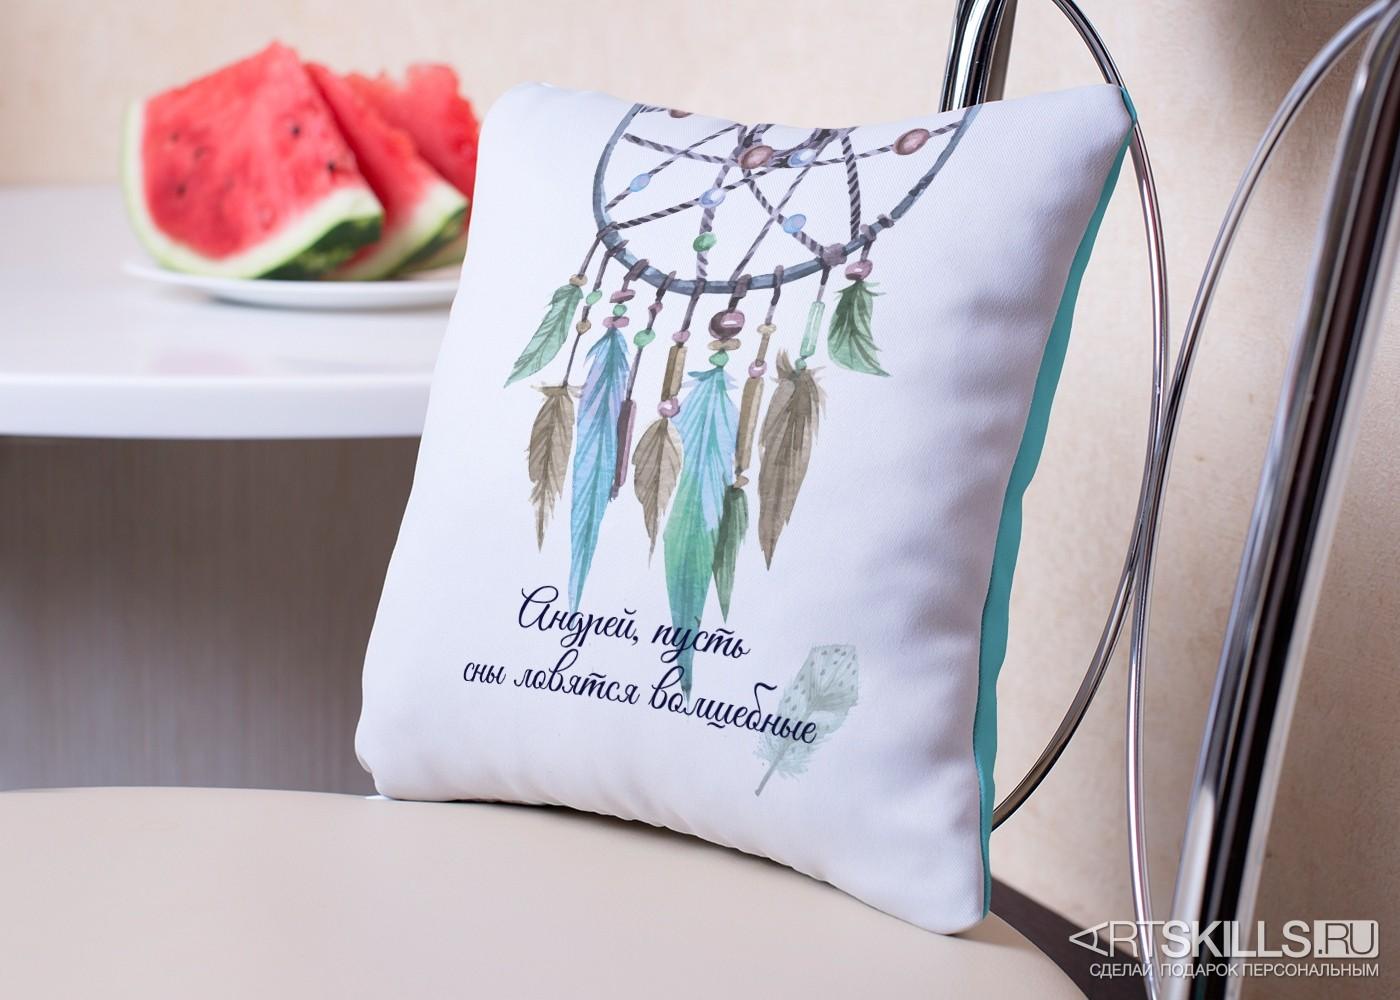 Именная подушка «Ловец снов»